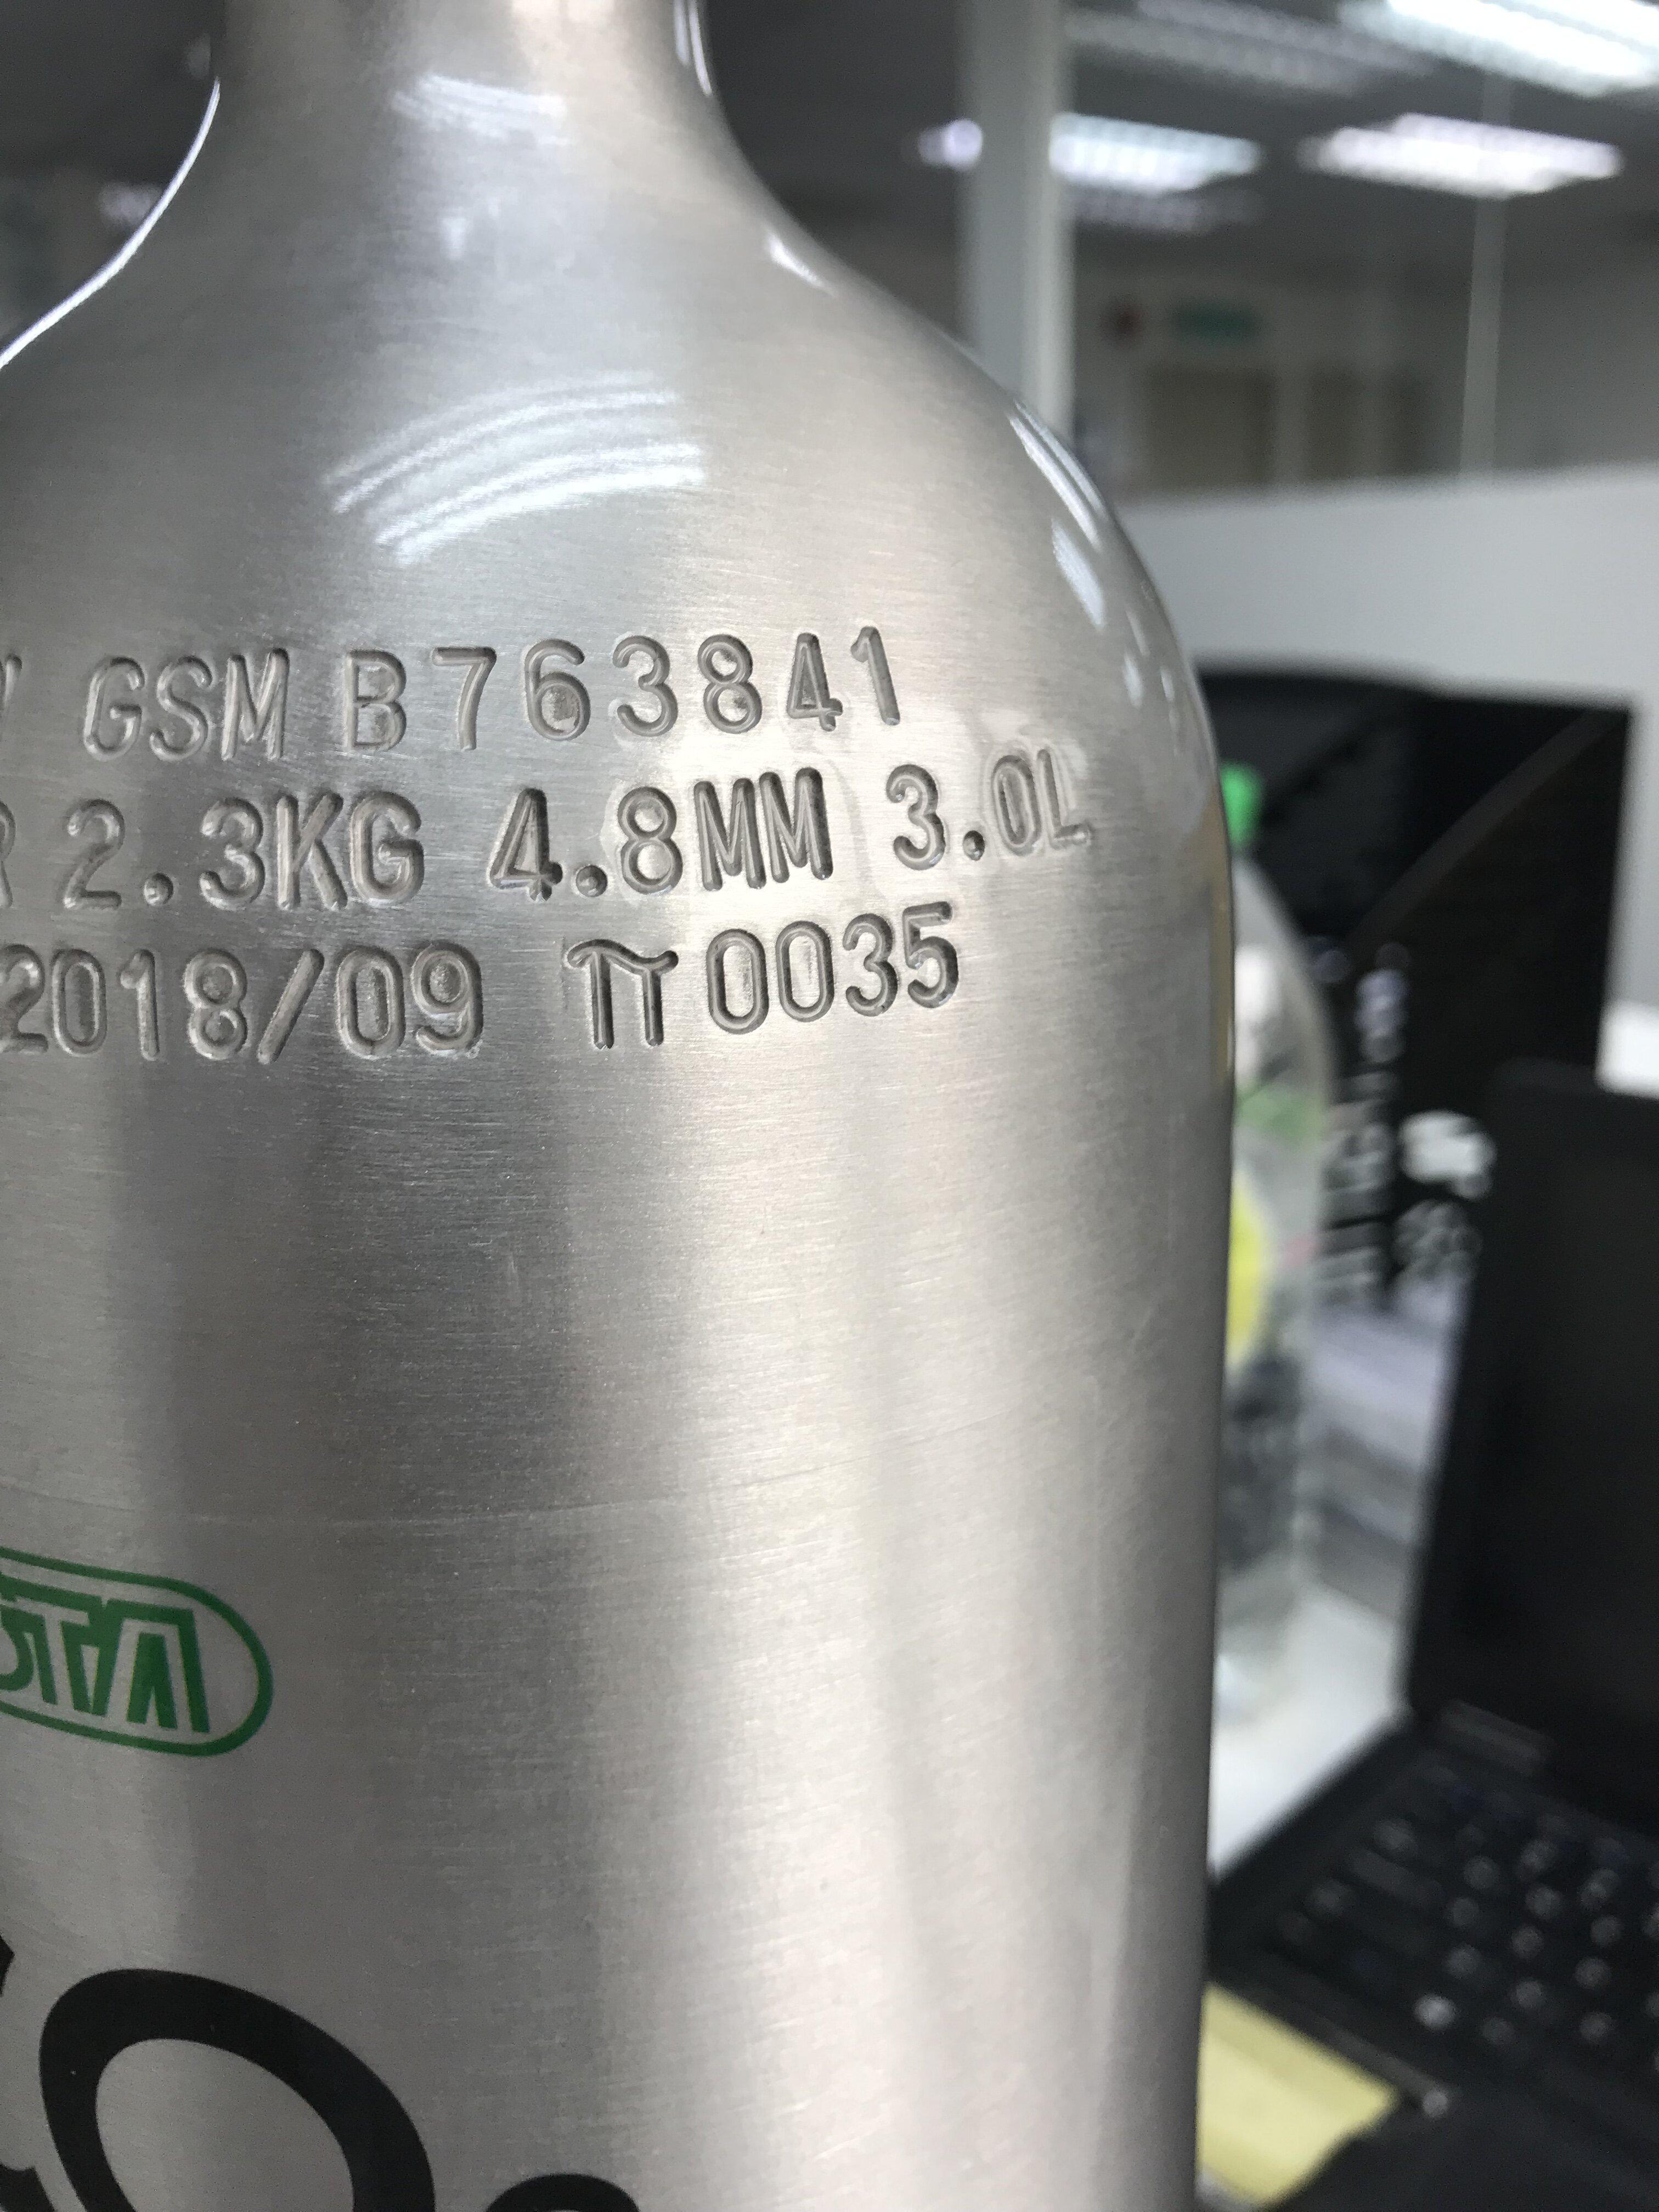 023CFA0A-E8C4-45D4-990A-310EA0BB9112.jpeg